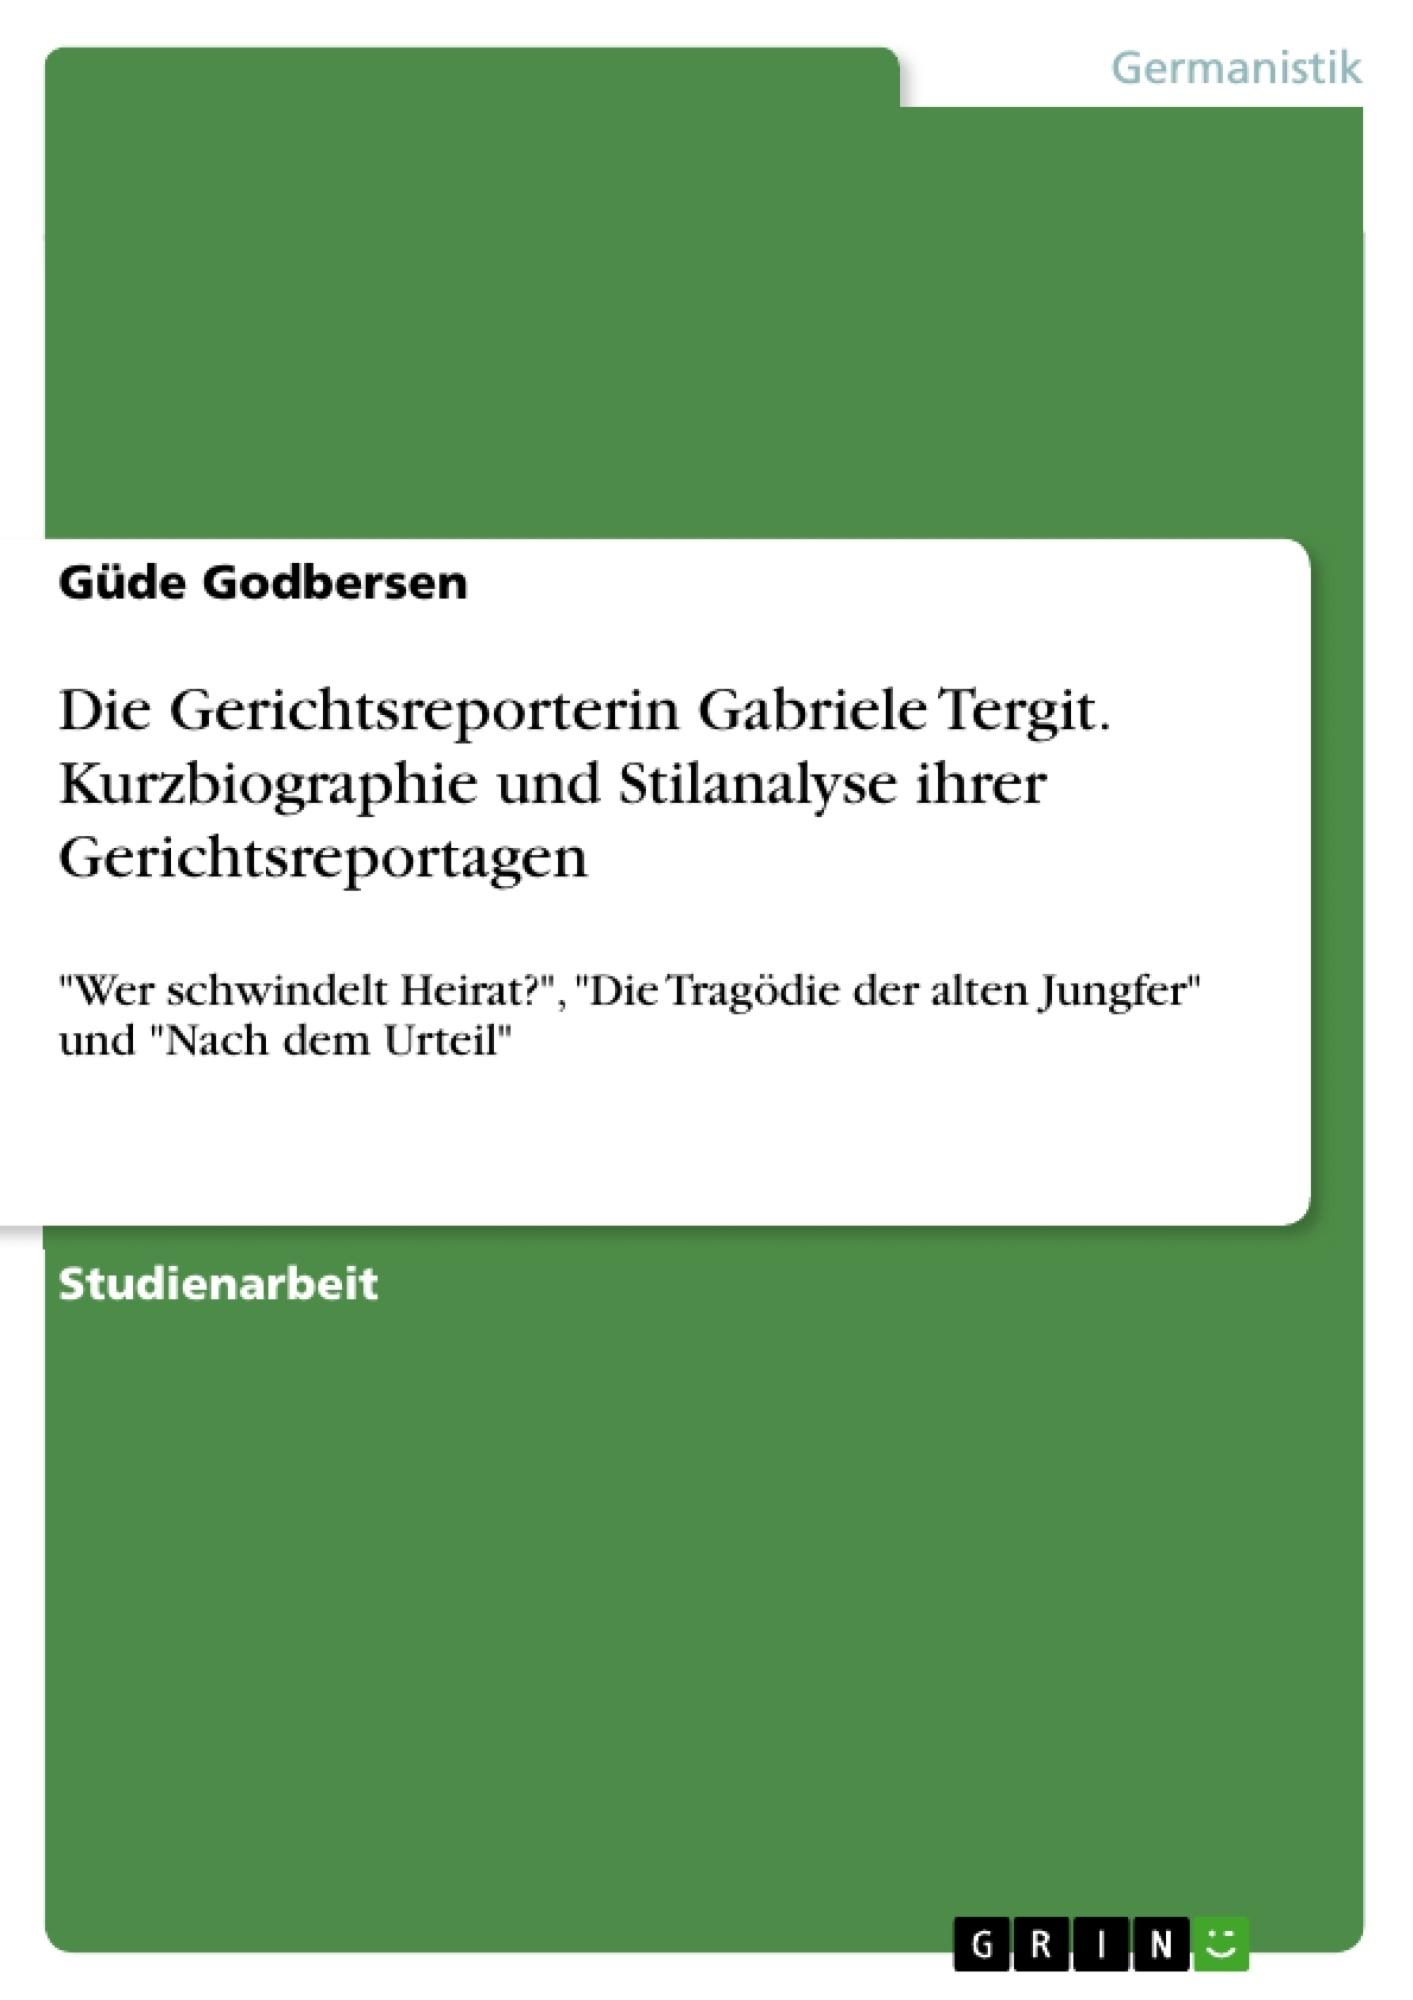 Titel: Die Gerichtsreporterin Gabriele Tergit. Kurzbiographie und Stilanalyse ihrer Gerichtsreportagen